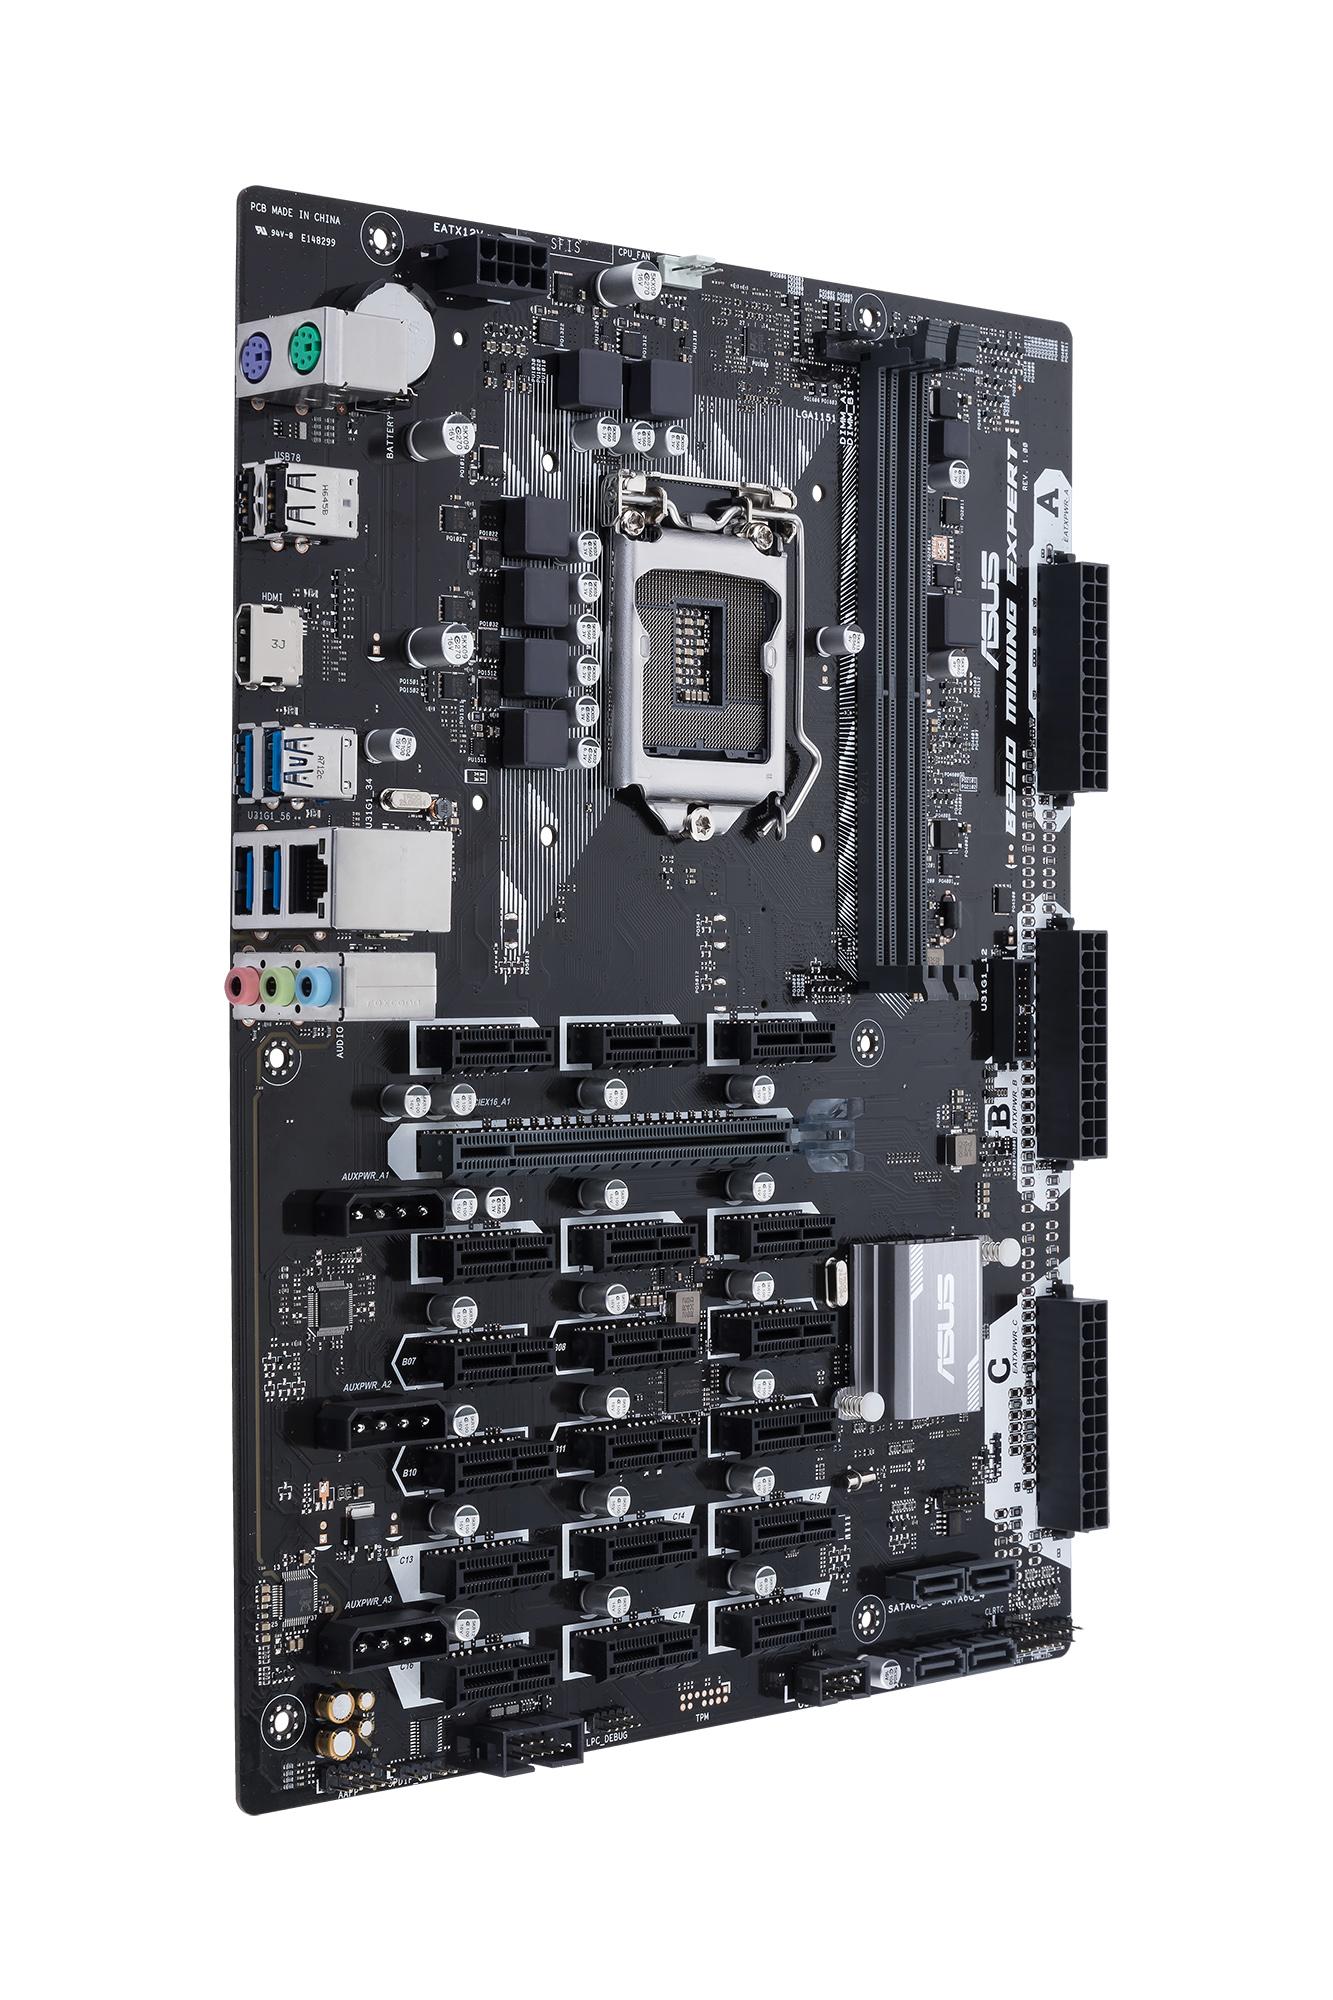 ASUS B250 MINING EXPERT Intel Socket 1151/2DDR4/1 x PCIe x16/SATA 6Gb/s*4/ATX